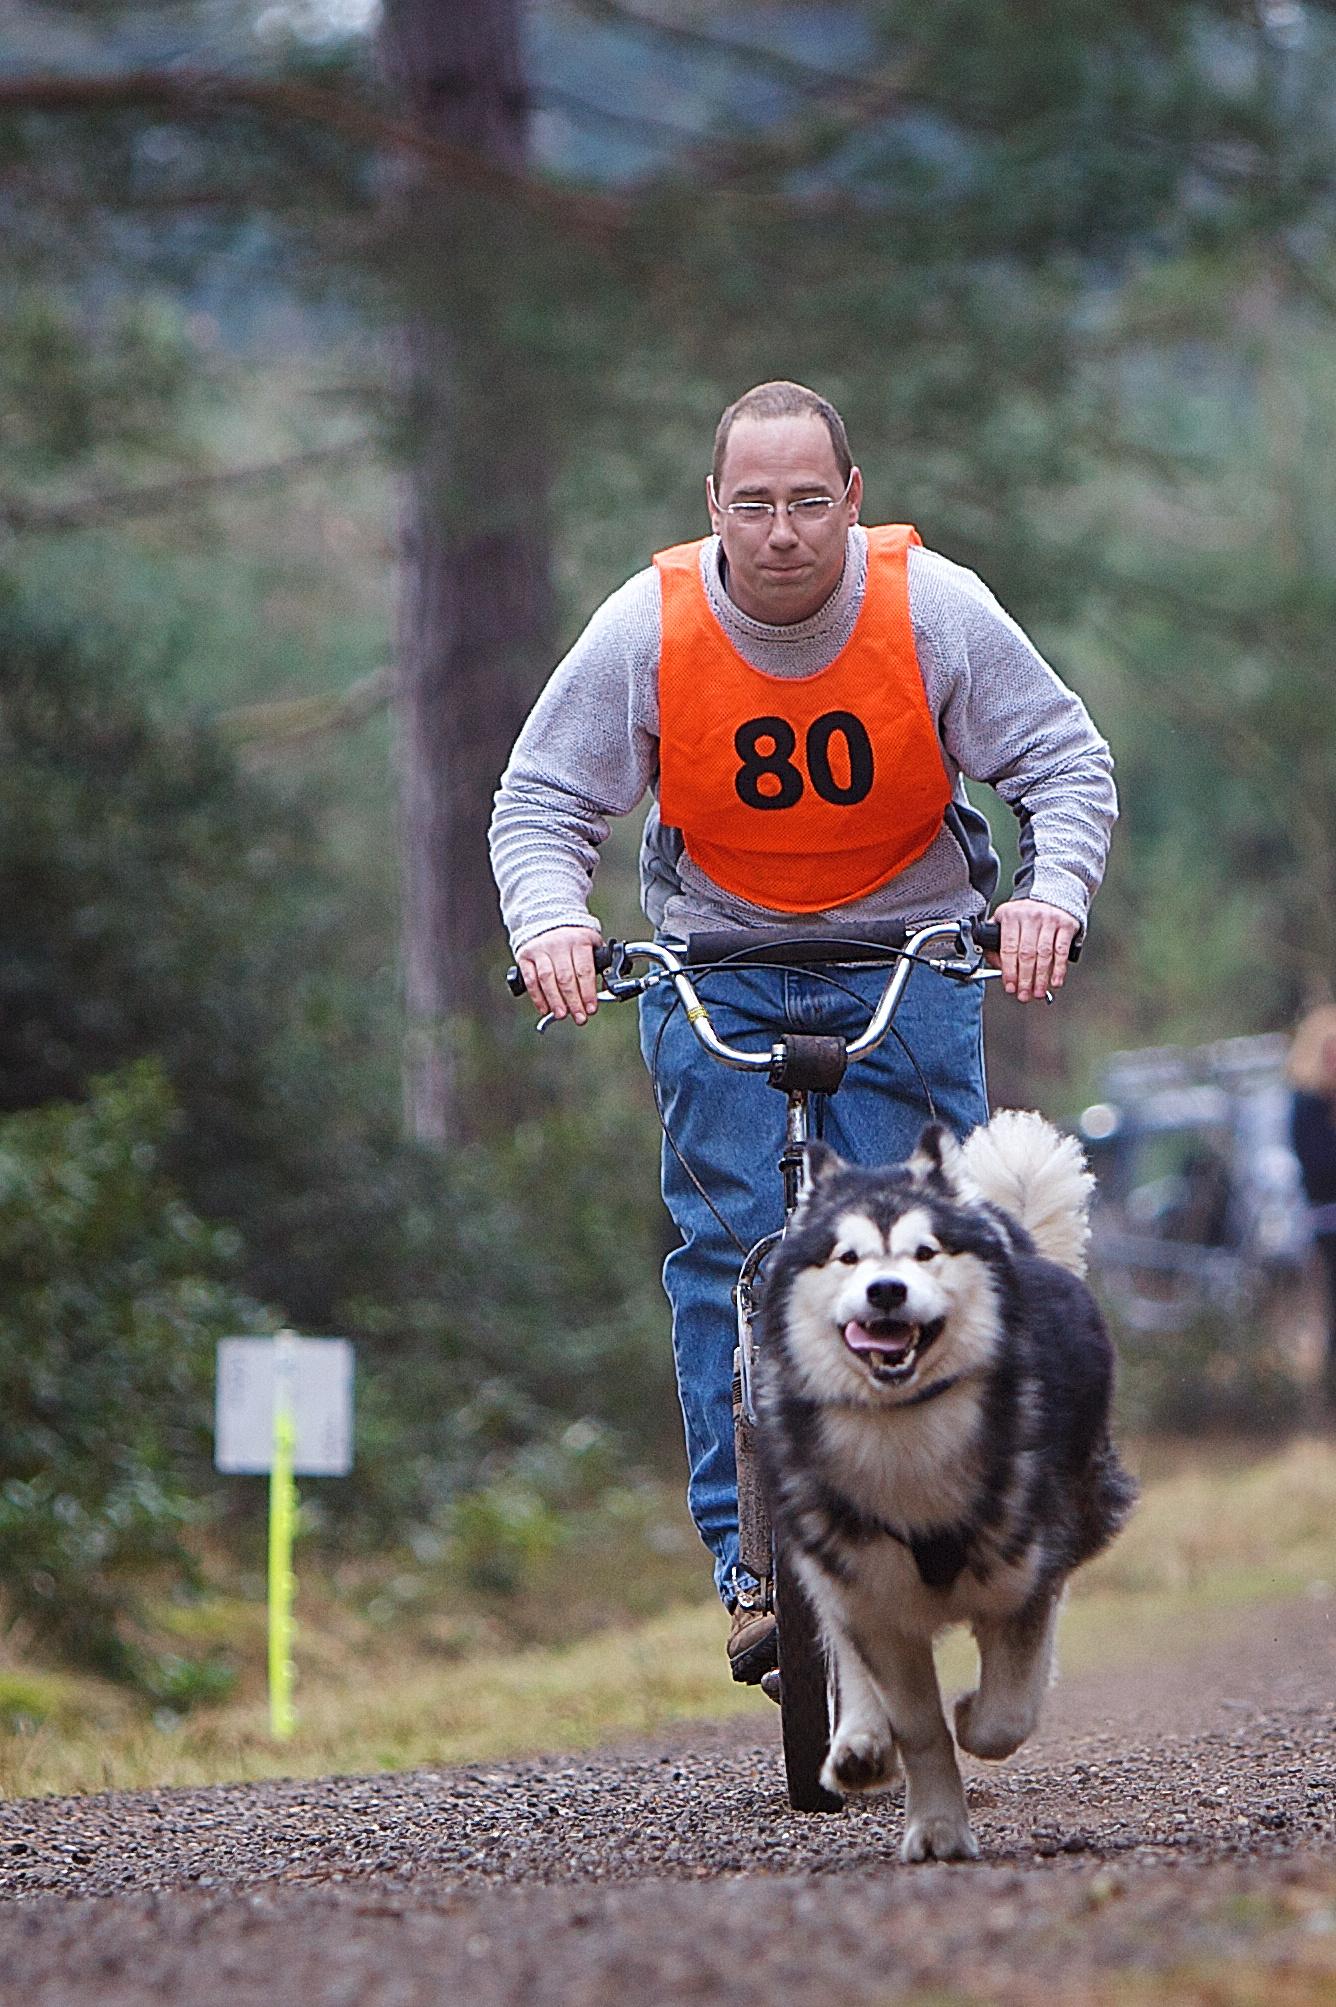 Pawtrekker Pawtrekker Classic Dogscooter  de chien